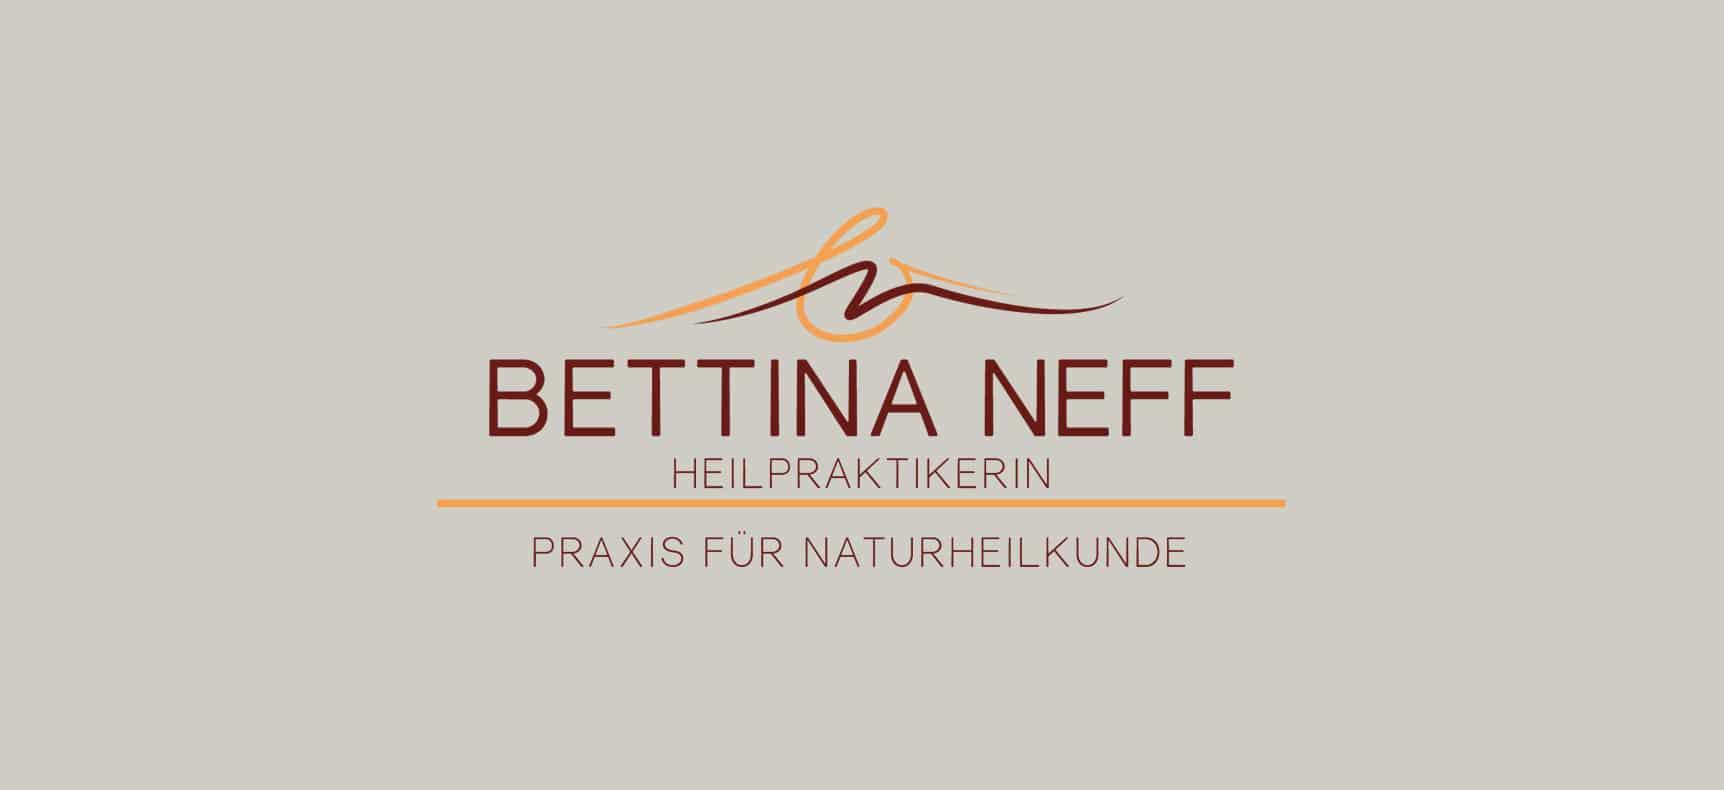 Heilpraktikerin Bettina Neff | Geschäftsausstattung erstellt von StatusZwo.com